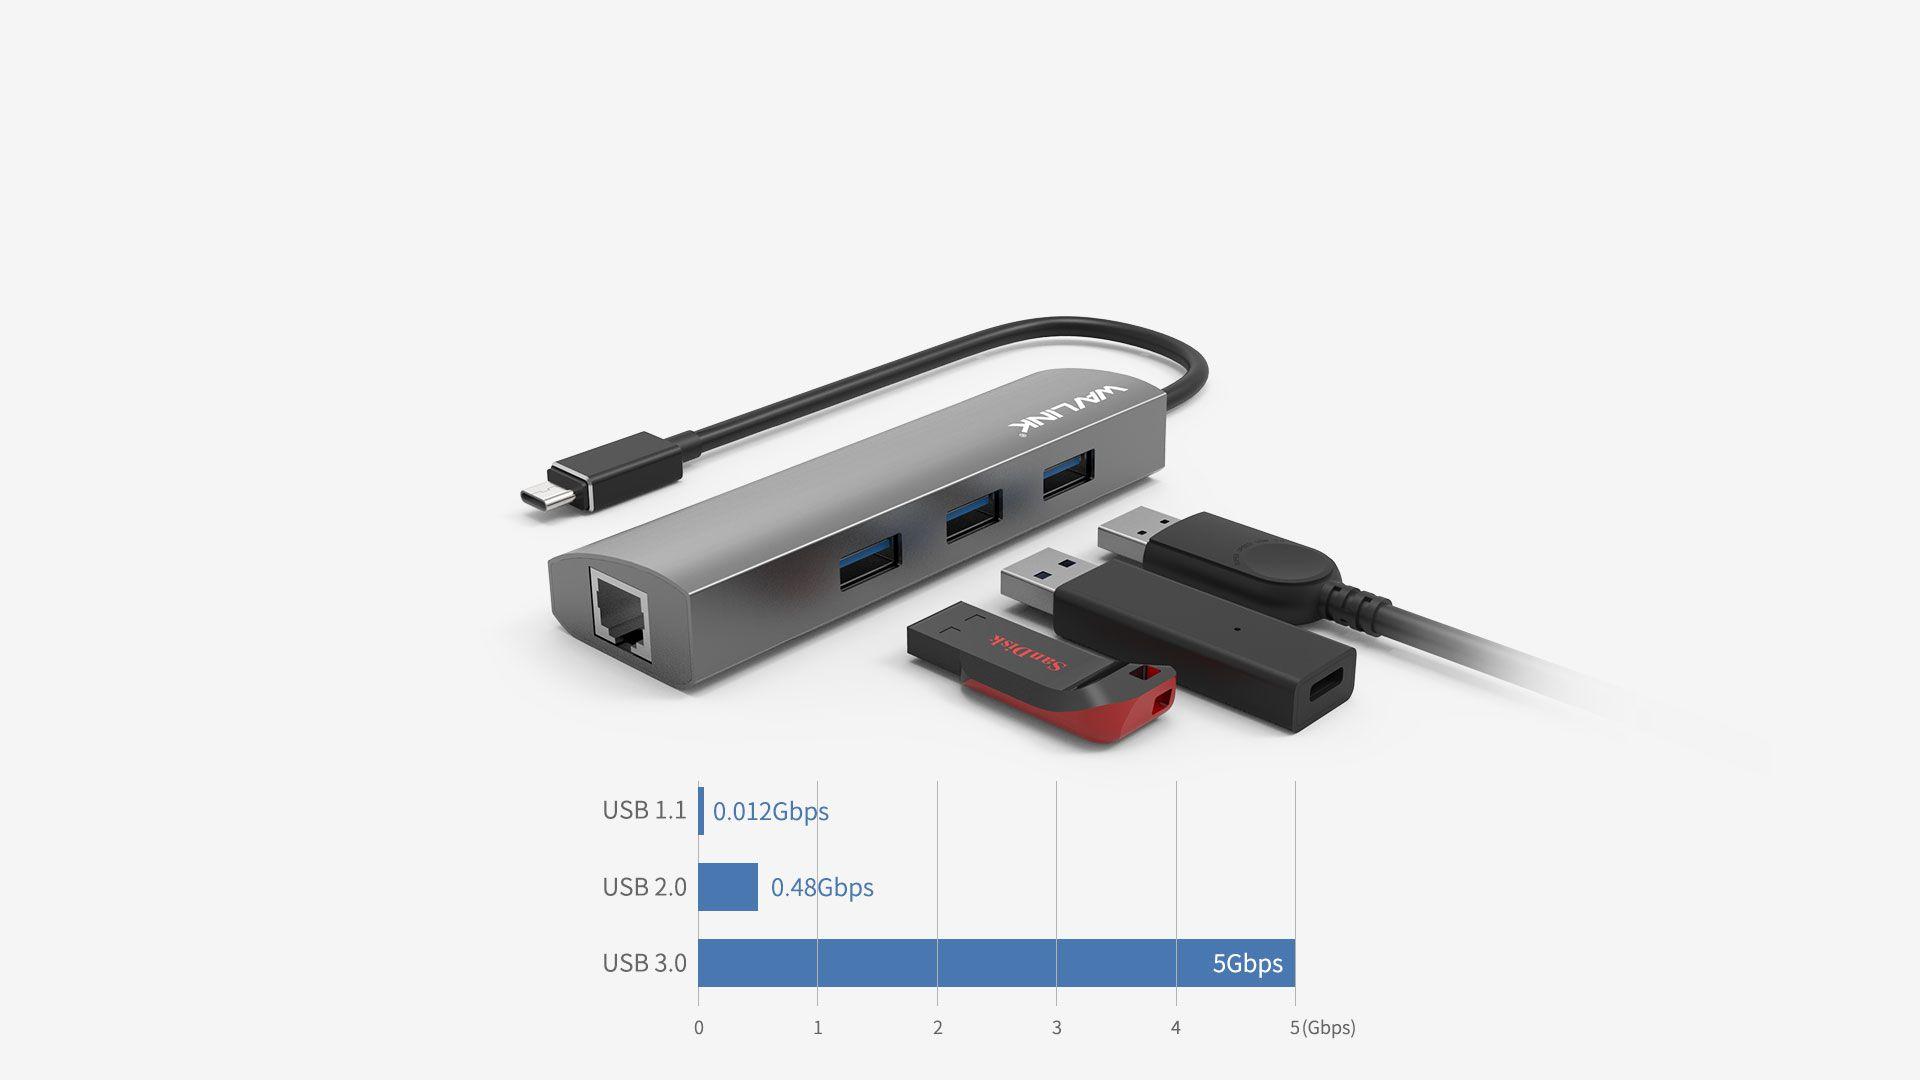 WAVLINK SUPERSPEED USB-C 4-PORT HUB WITH GIGABIT ETHERNET 4 7